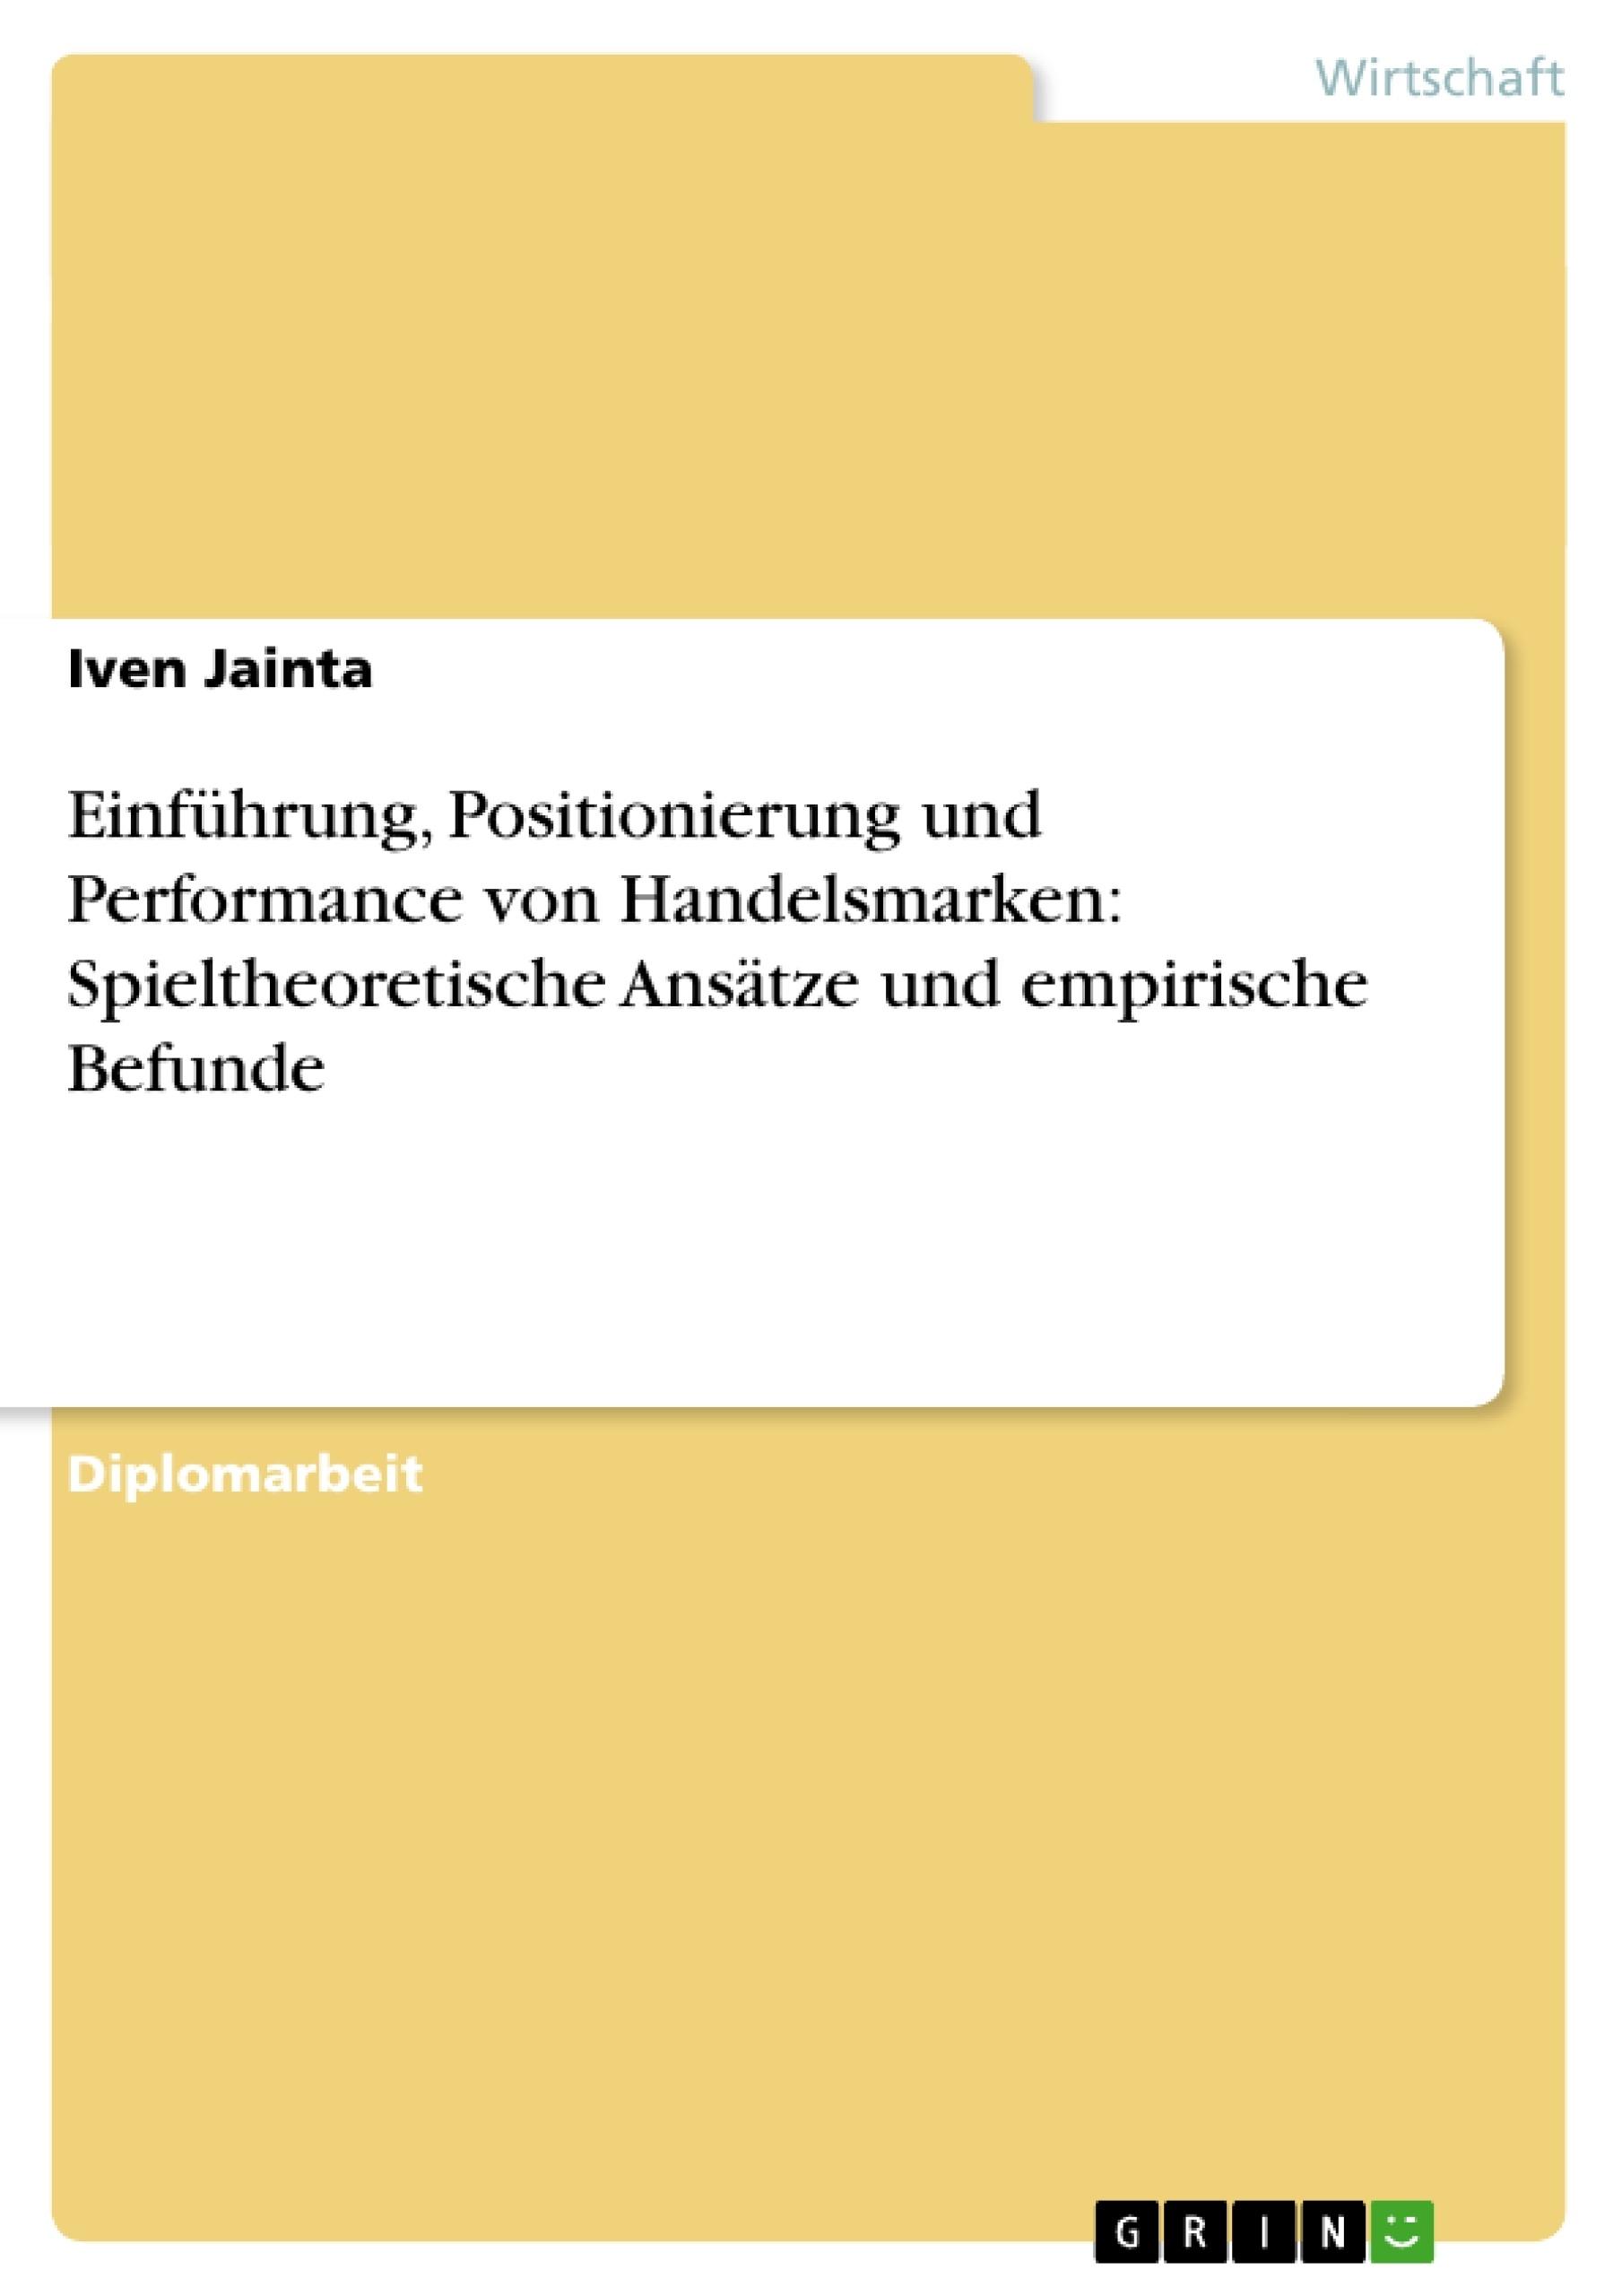 Titel: Einführung, Positionierung und Performance von Handelsmarken: Spieltheoretische Ansätze und empirische Befunde